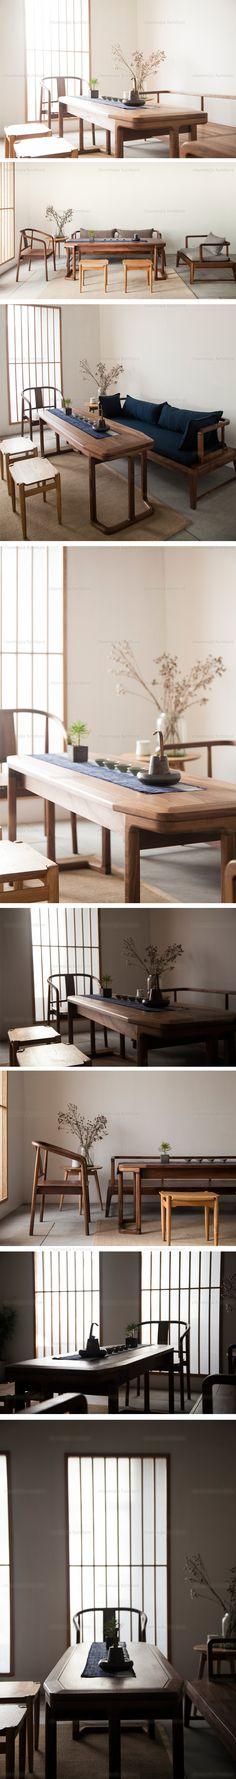 【春沐家】原创设计新中式茶台 茶几 现代中式茶台 黑胡桃茶台-淘宝网